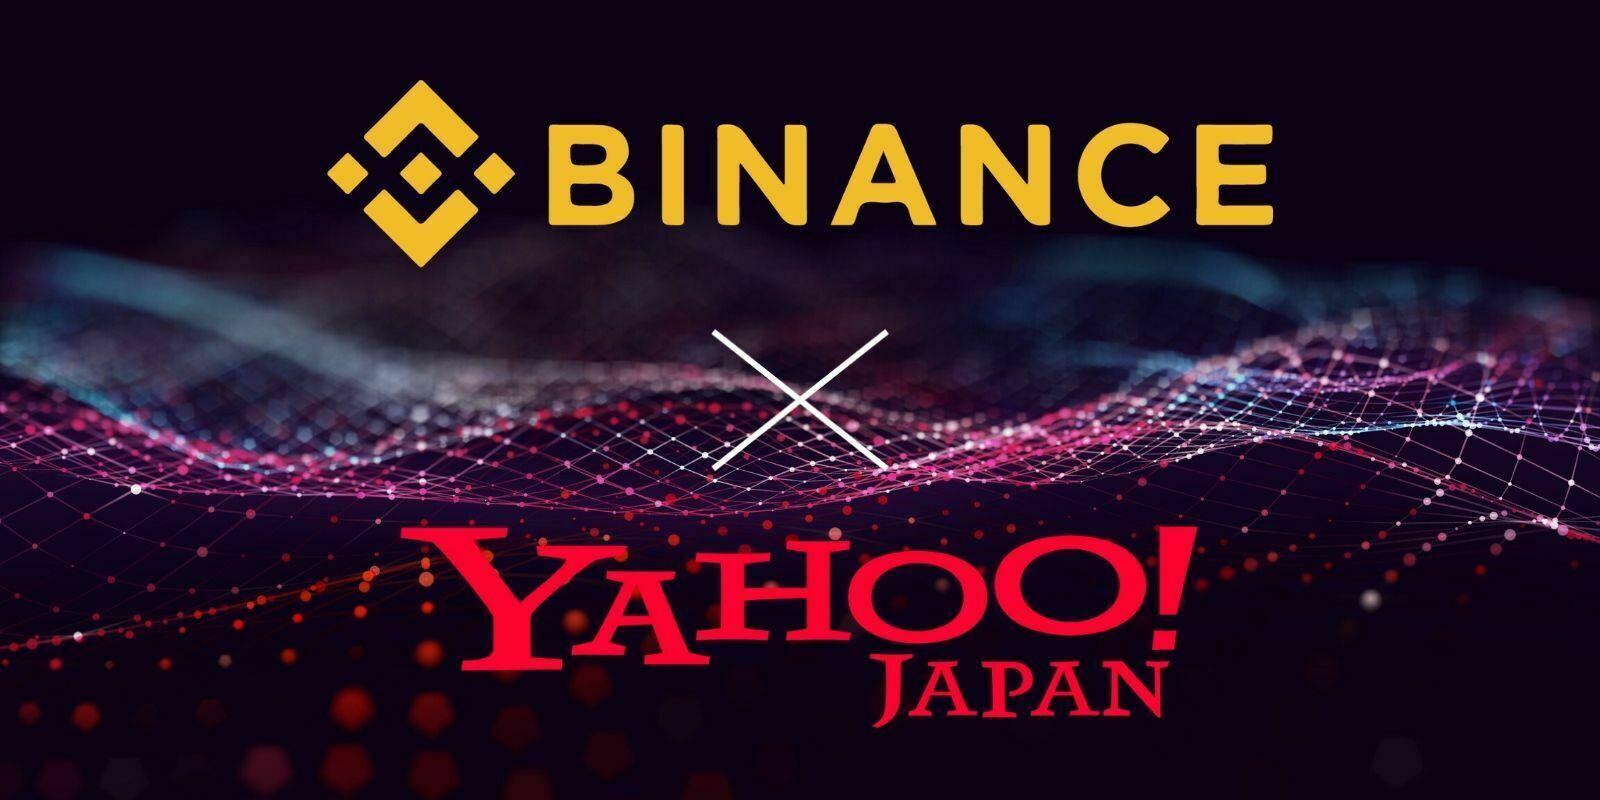 Binance s'associe à Yahoo! Japan pour conquérir le marché japonais